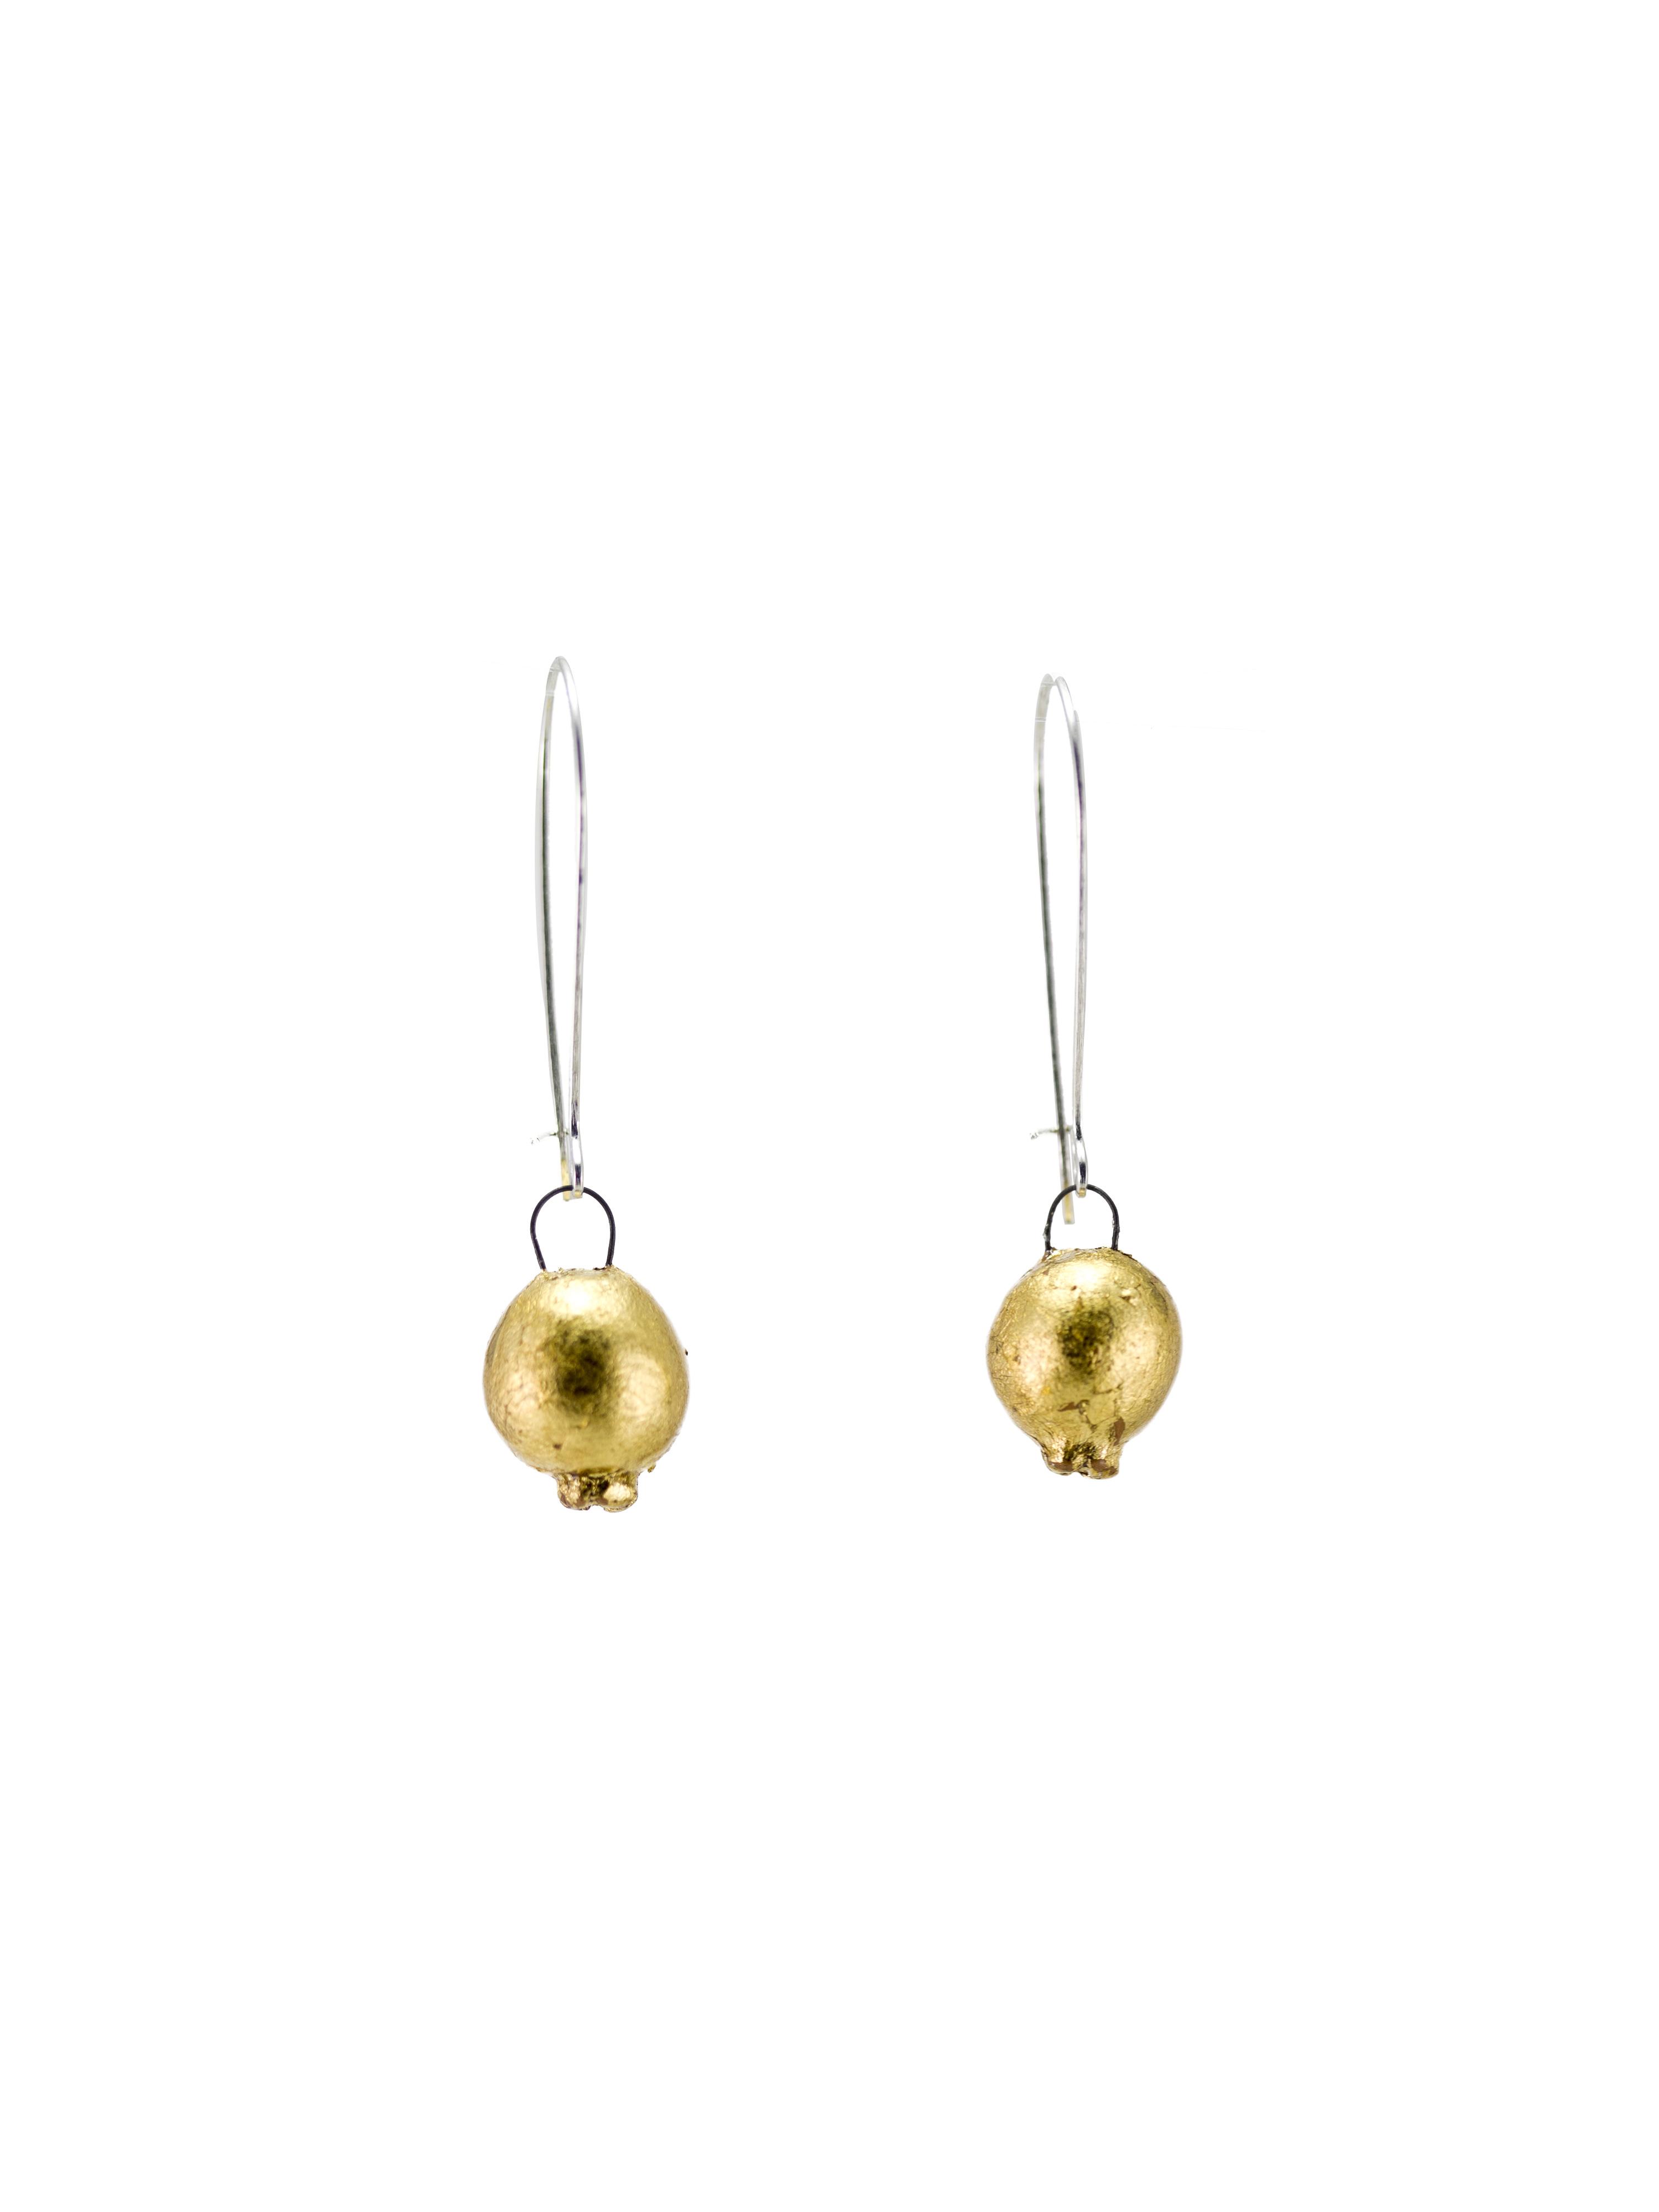 Immagine di coppia di orecchini melagrana pendenti in ceramica di color oro su sfondo bianco.